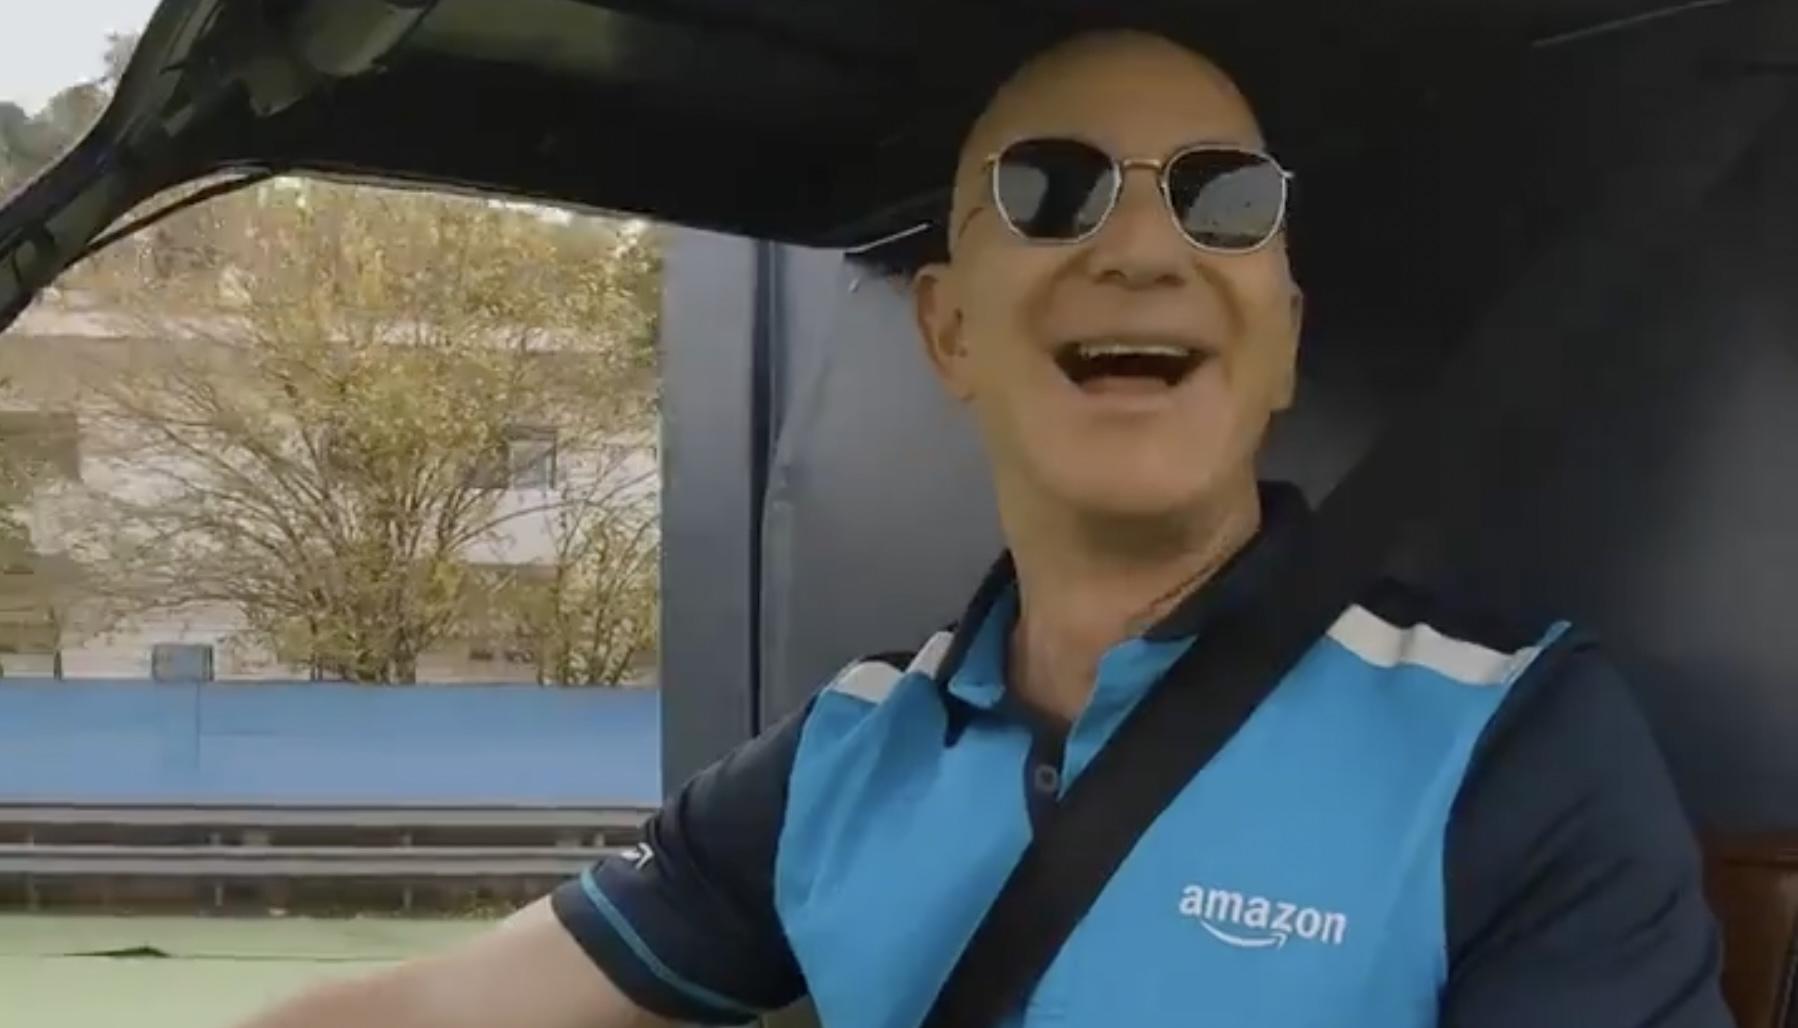 Même Jeff Bezos reconnait qu'Amazon doit mieux traiter ses employés